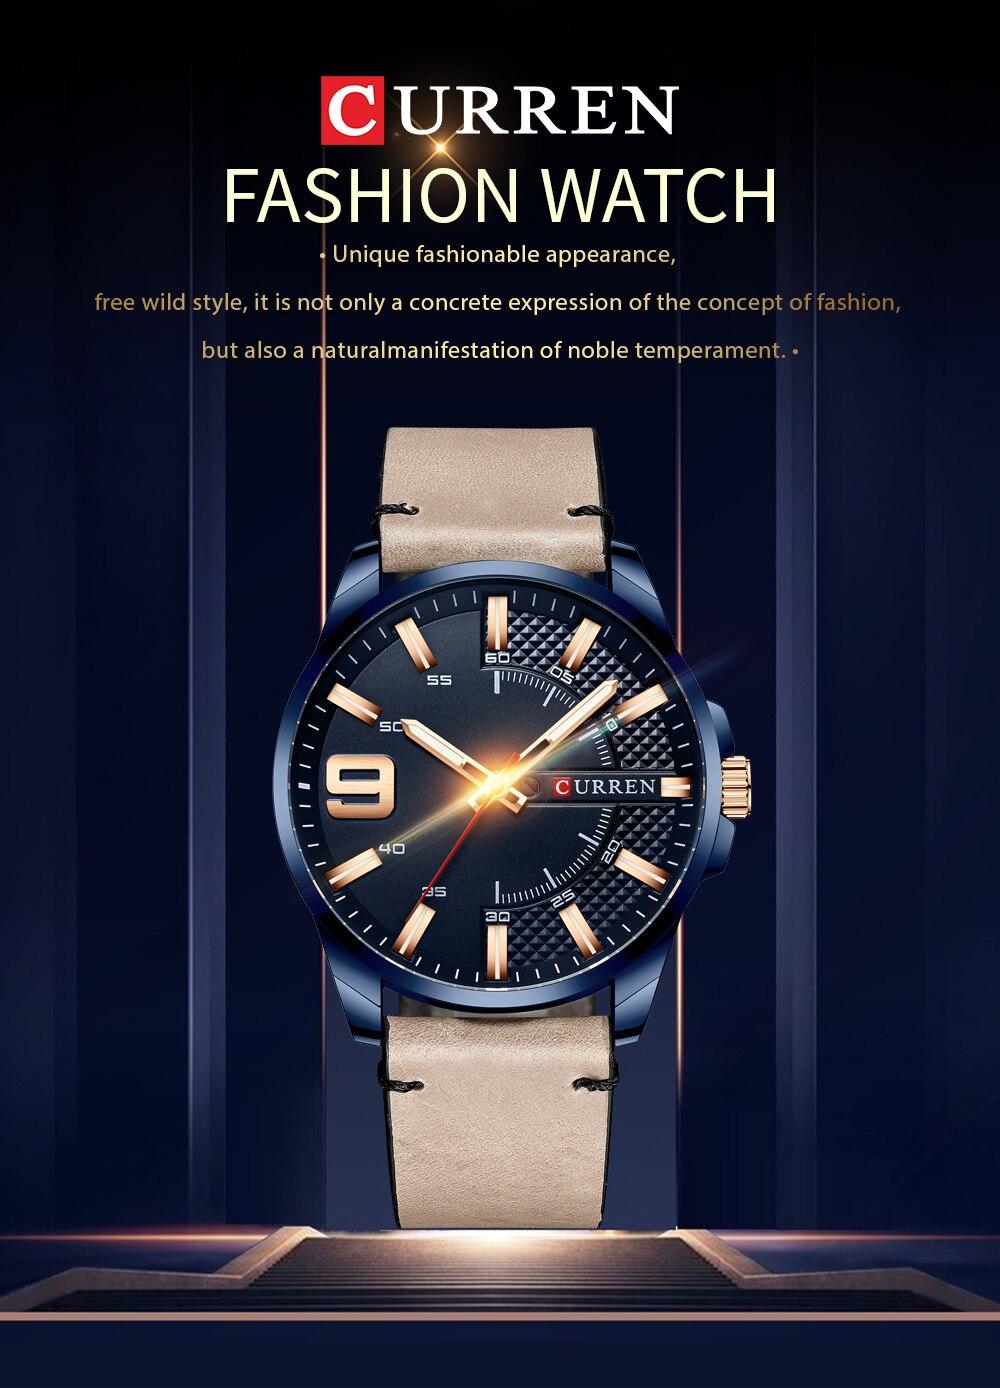 Hb62bca229b8e4e228693b61fd5e93067X Top Brand Luxury Business Watch Men CURREN Watches